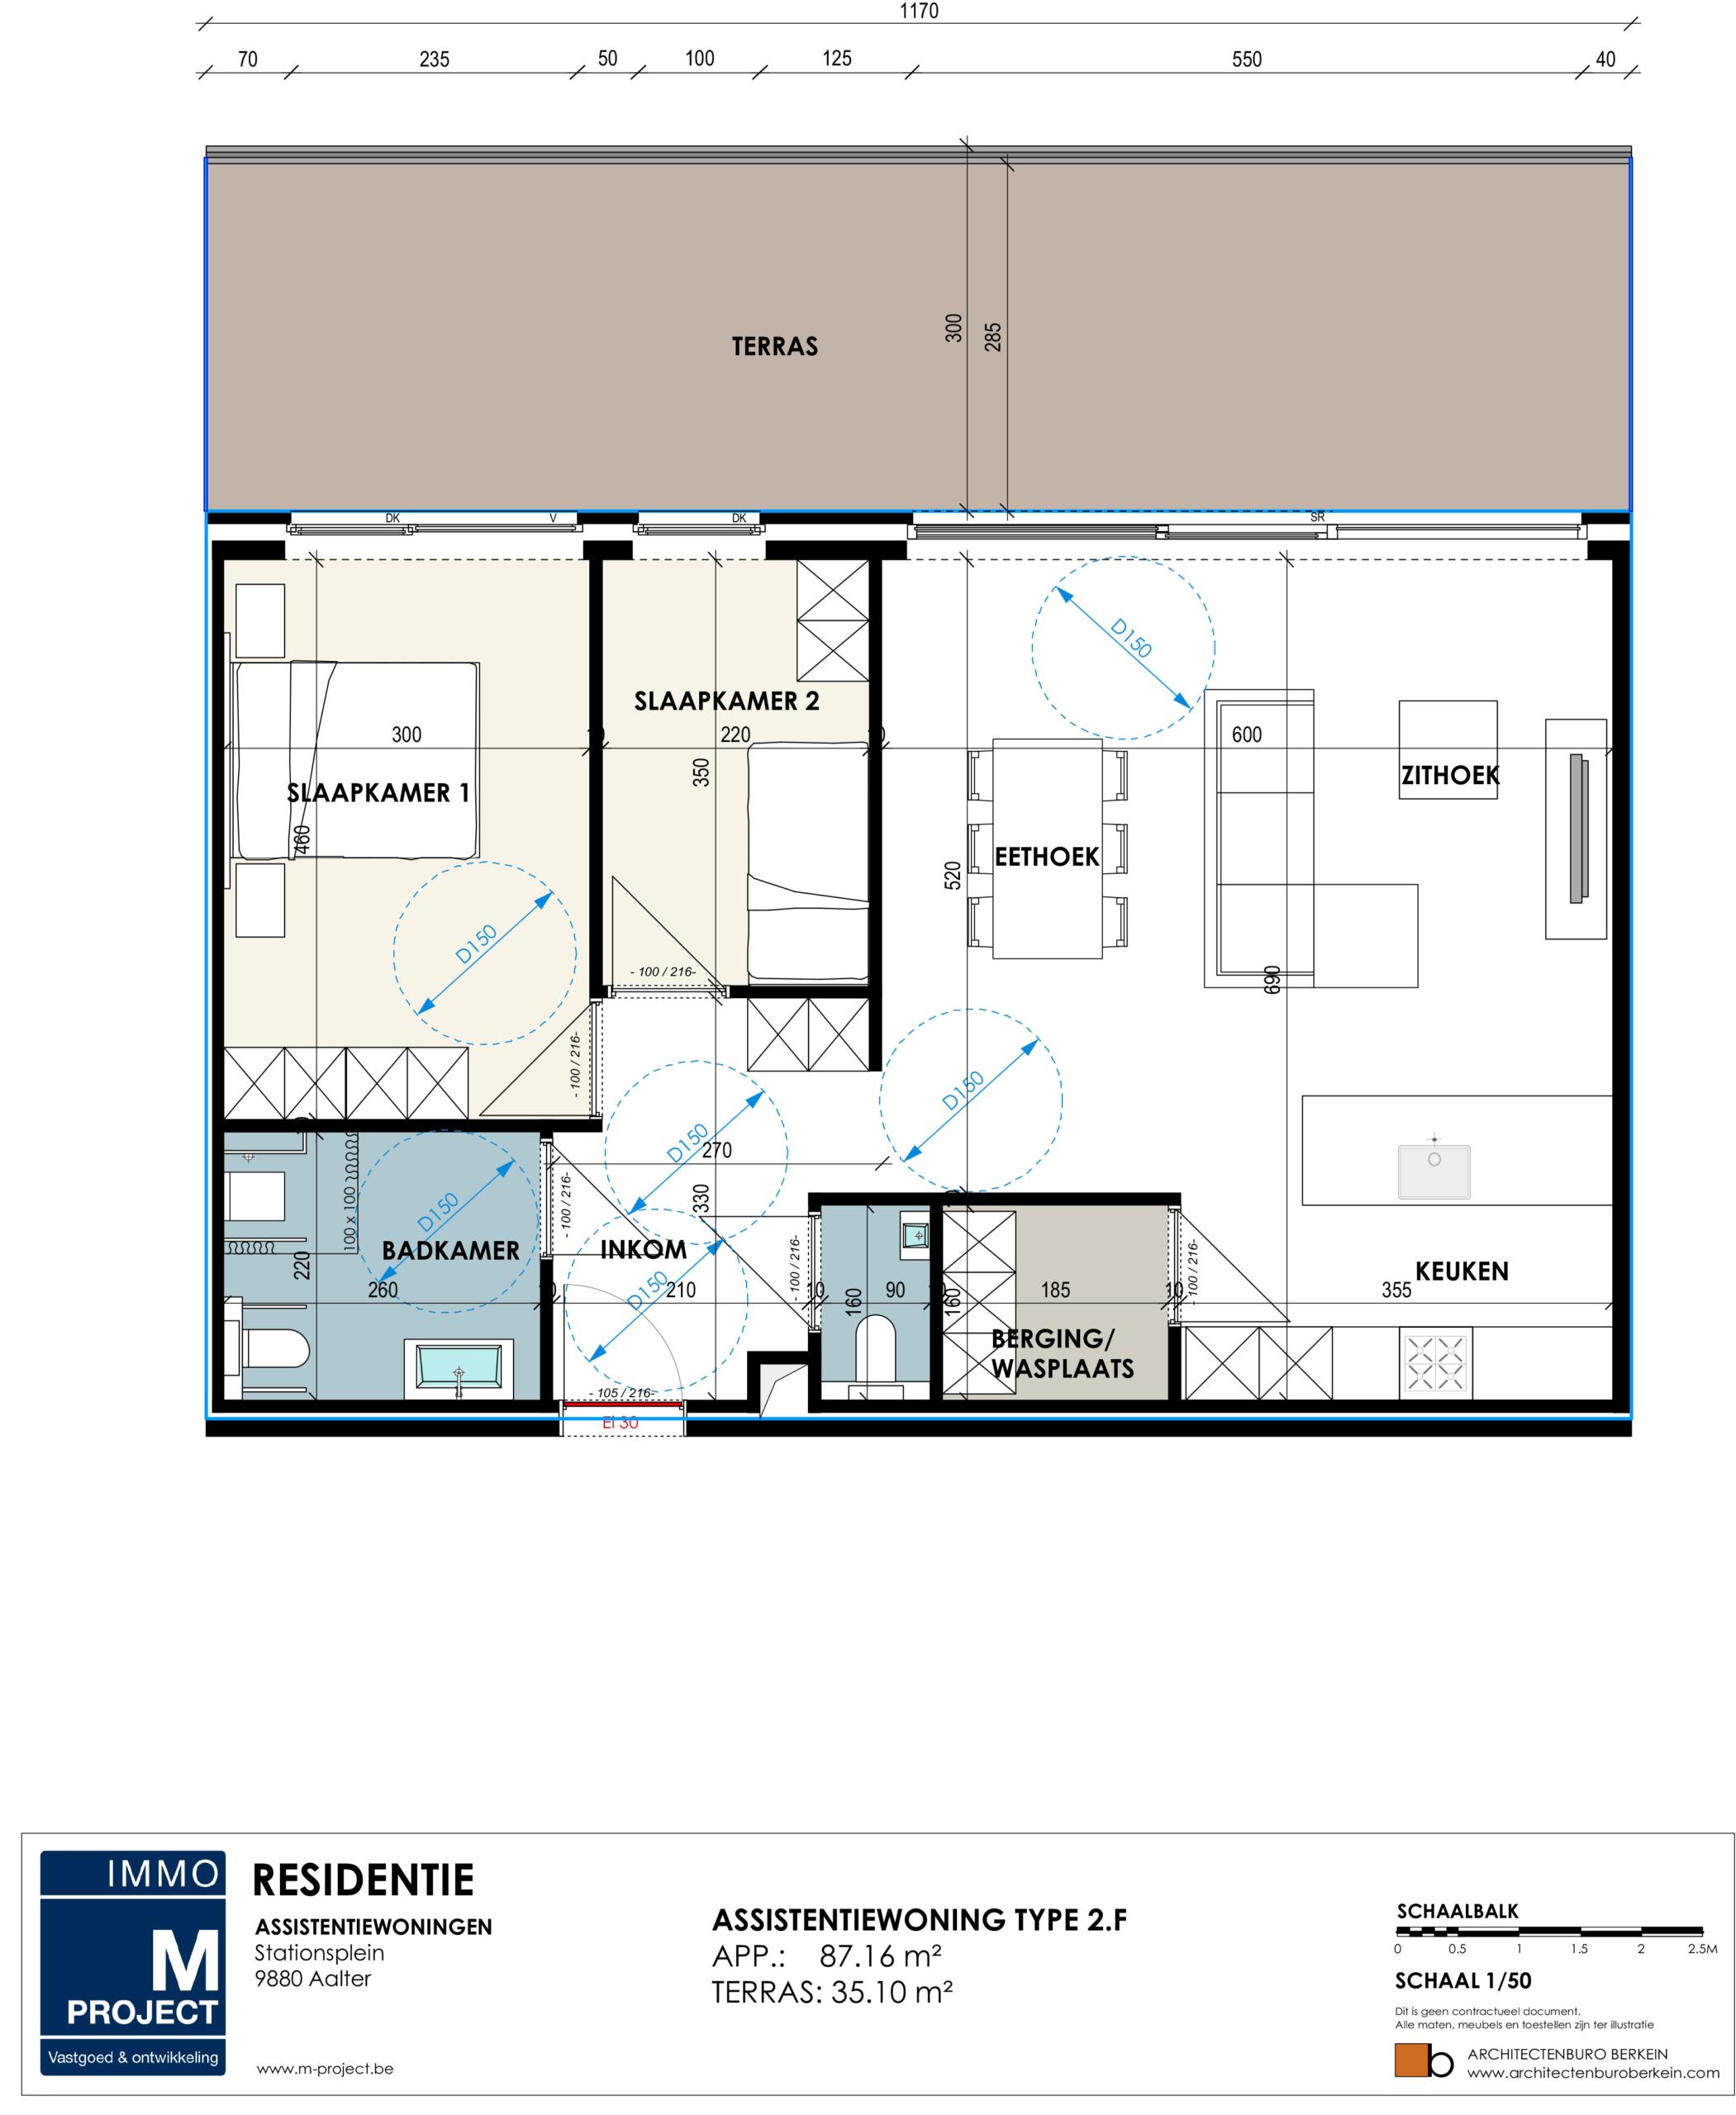 uw eigendom assistentiewoning kopen - Residentie Academie - appartement type 2F